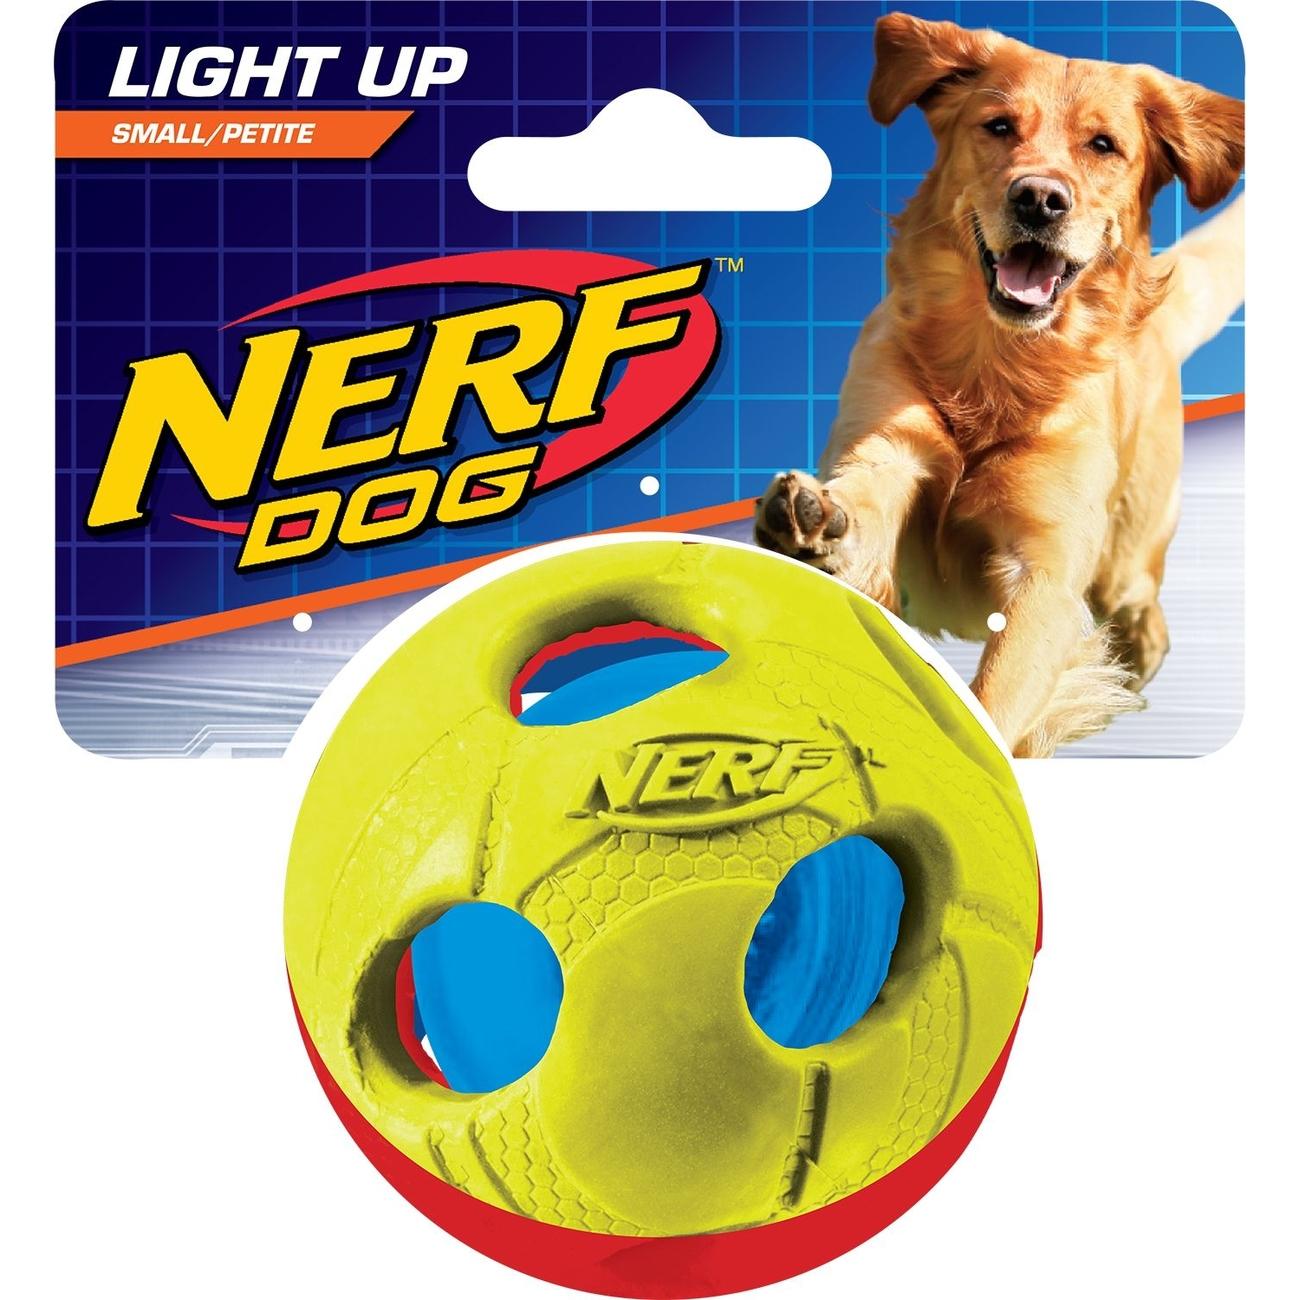 NERF Dog lluma-Action LED für Hunde